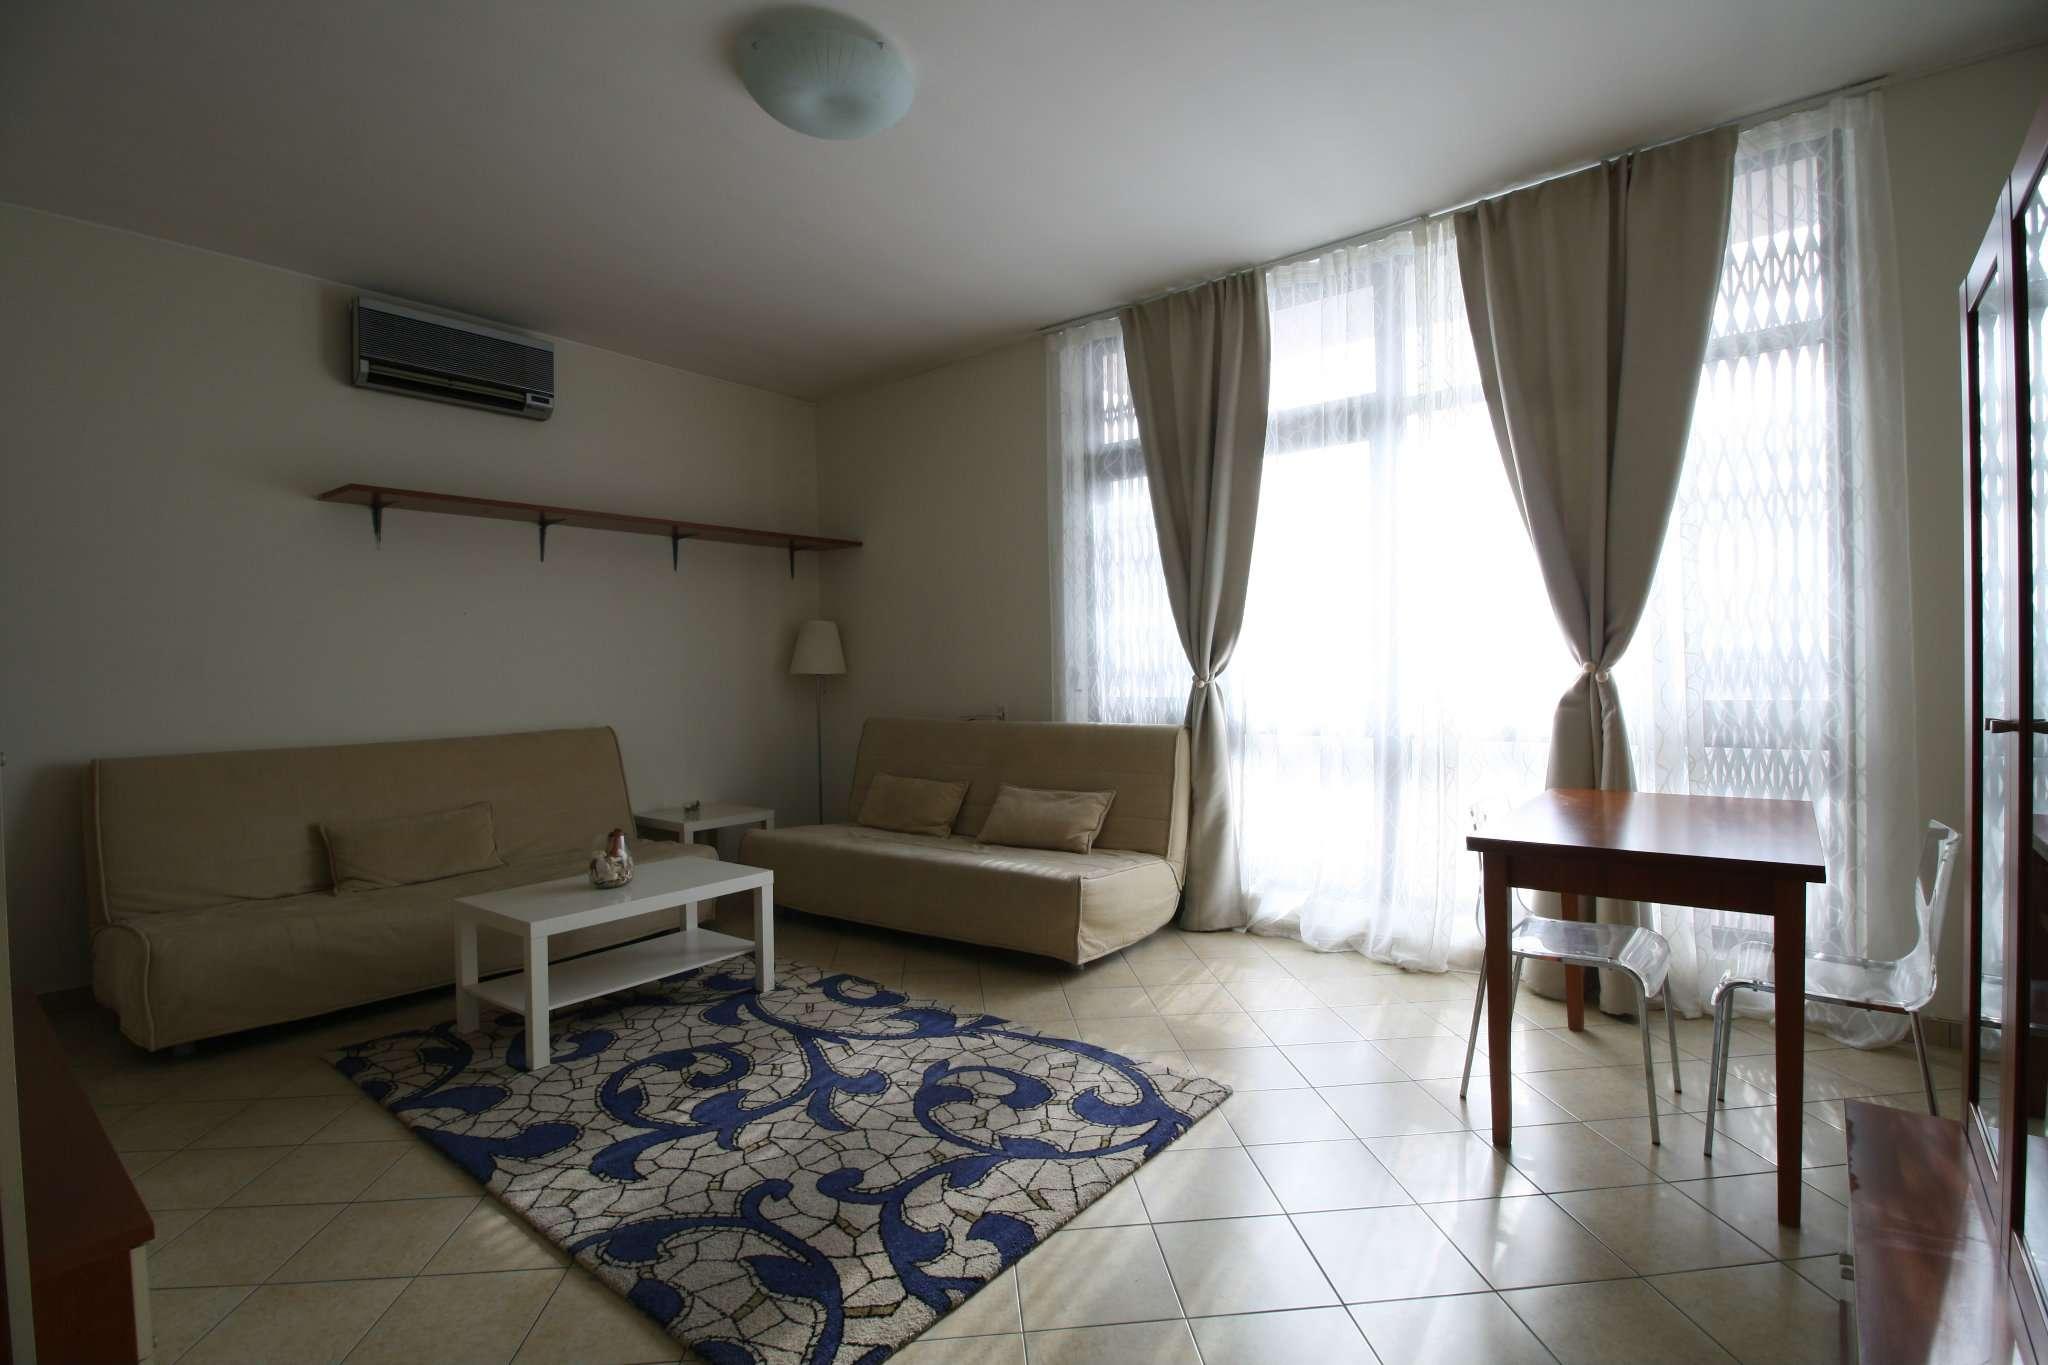 Appartamento in Vendita a Trezzano Sul Naviglio: 2 locali, 80 mq